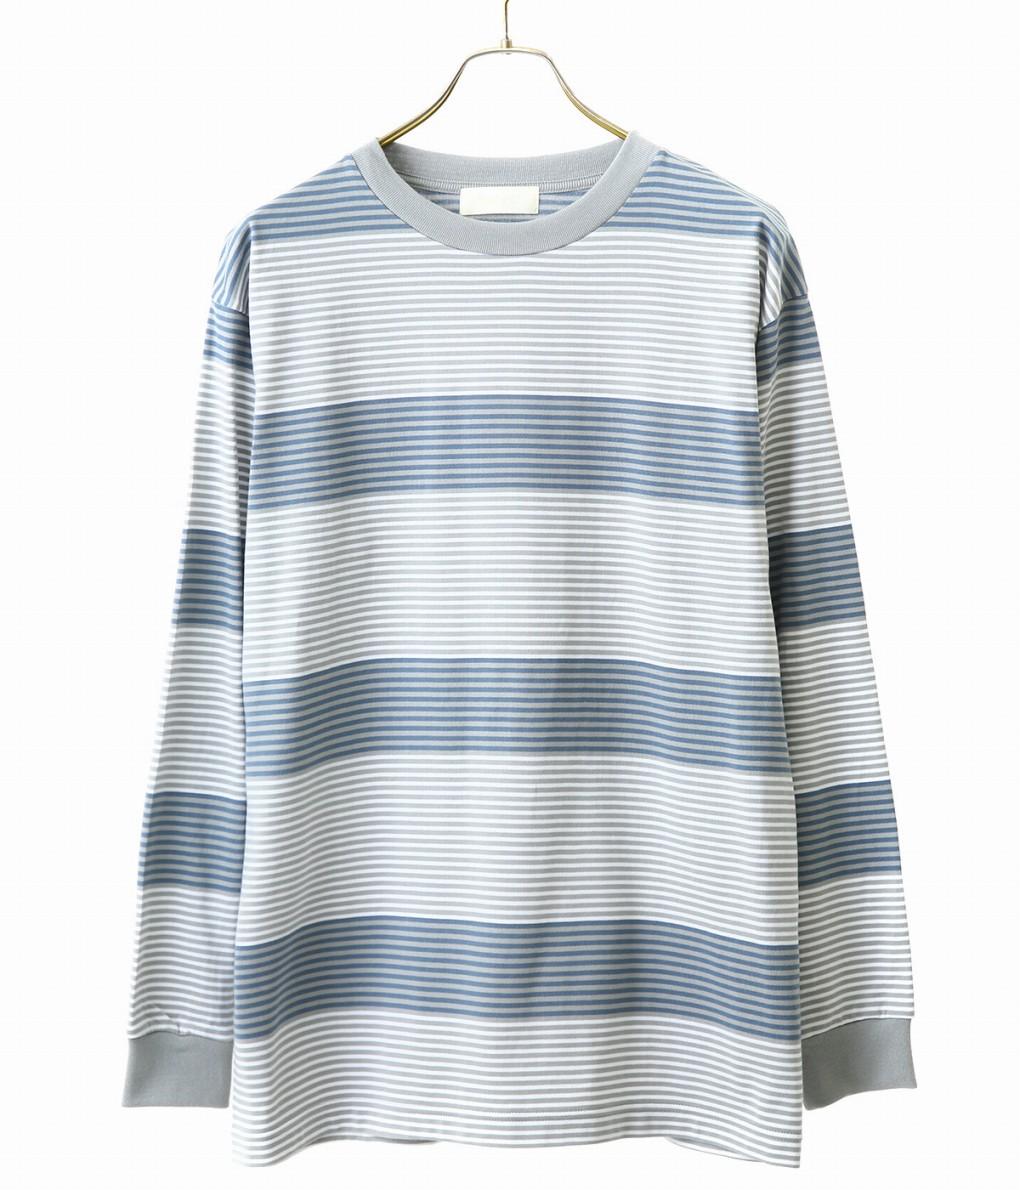 NEON SIGN / ネオンサイン : DADDY BORDER T-SHIRT LS : ネオンサイン ダディー ボーダー Tシャツ ティーシャツ ロンティー 長袖シャツ メンズ : NEON-1062【COR】